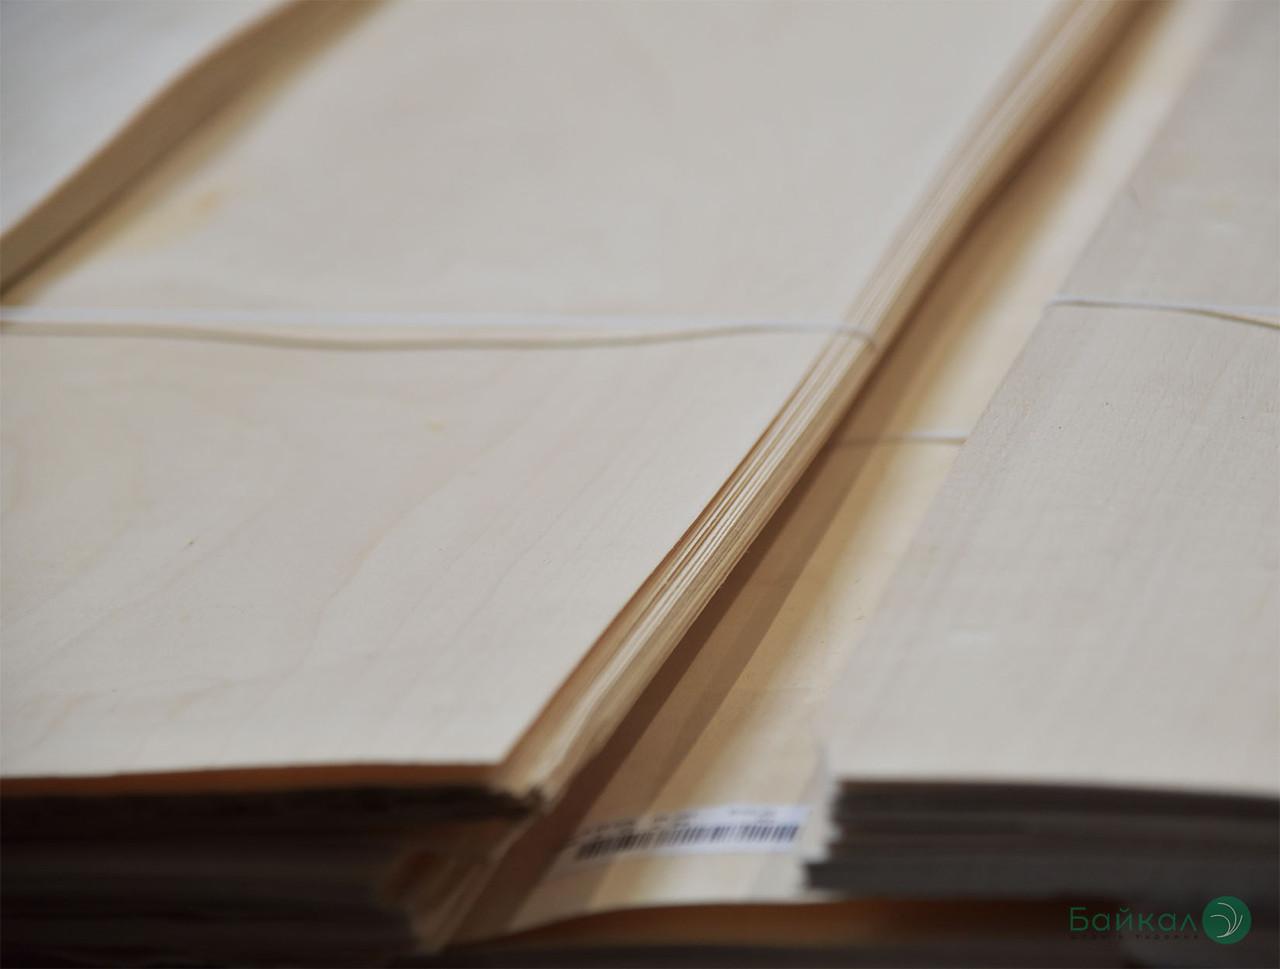 Шпон Клена (Украина) - 0,6 мм - длина от 0,80 - 2,05 м+/ ширина от 10 см ( I сорт)